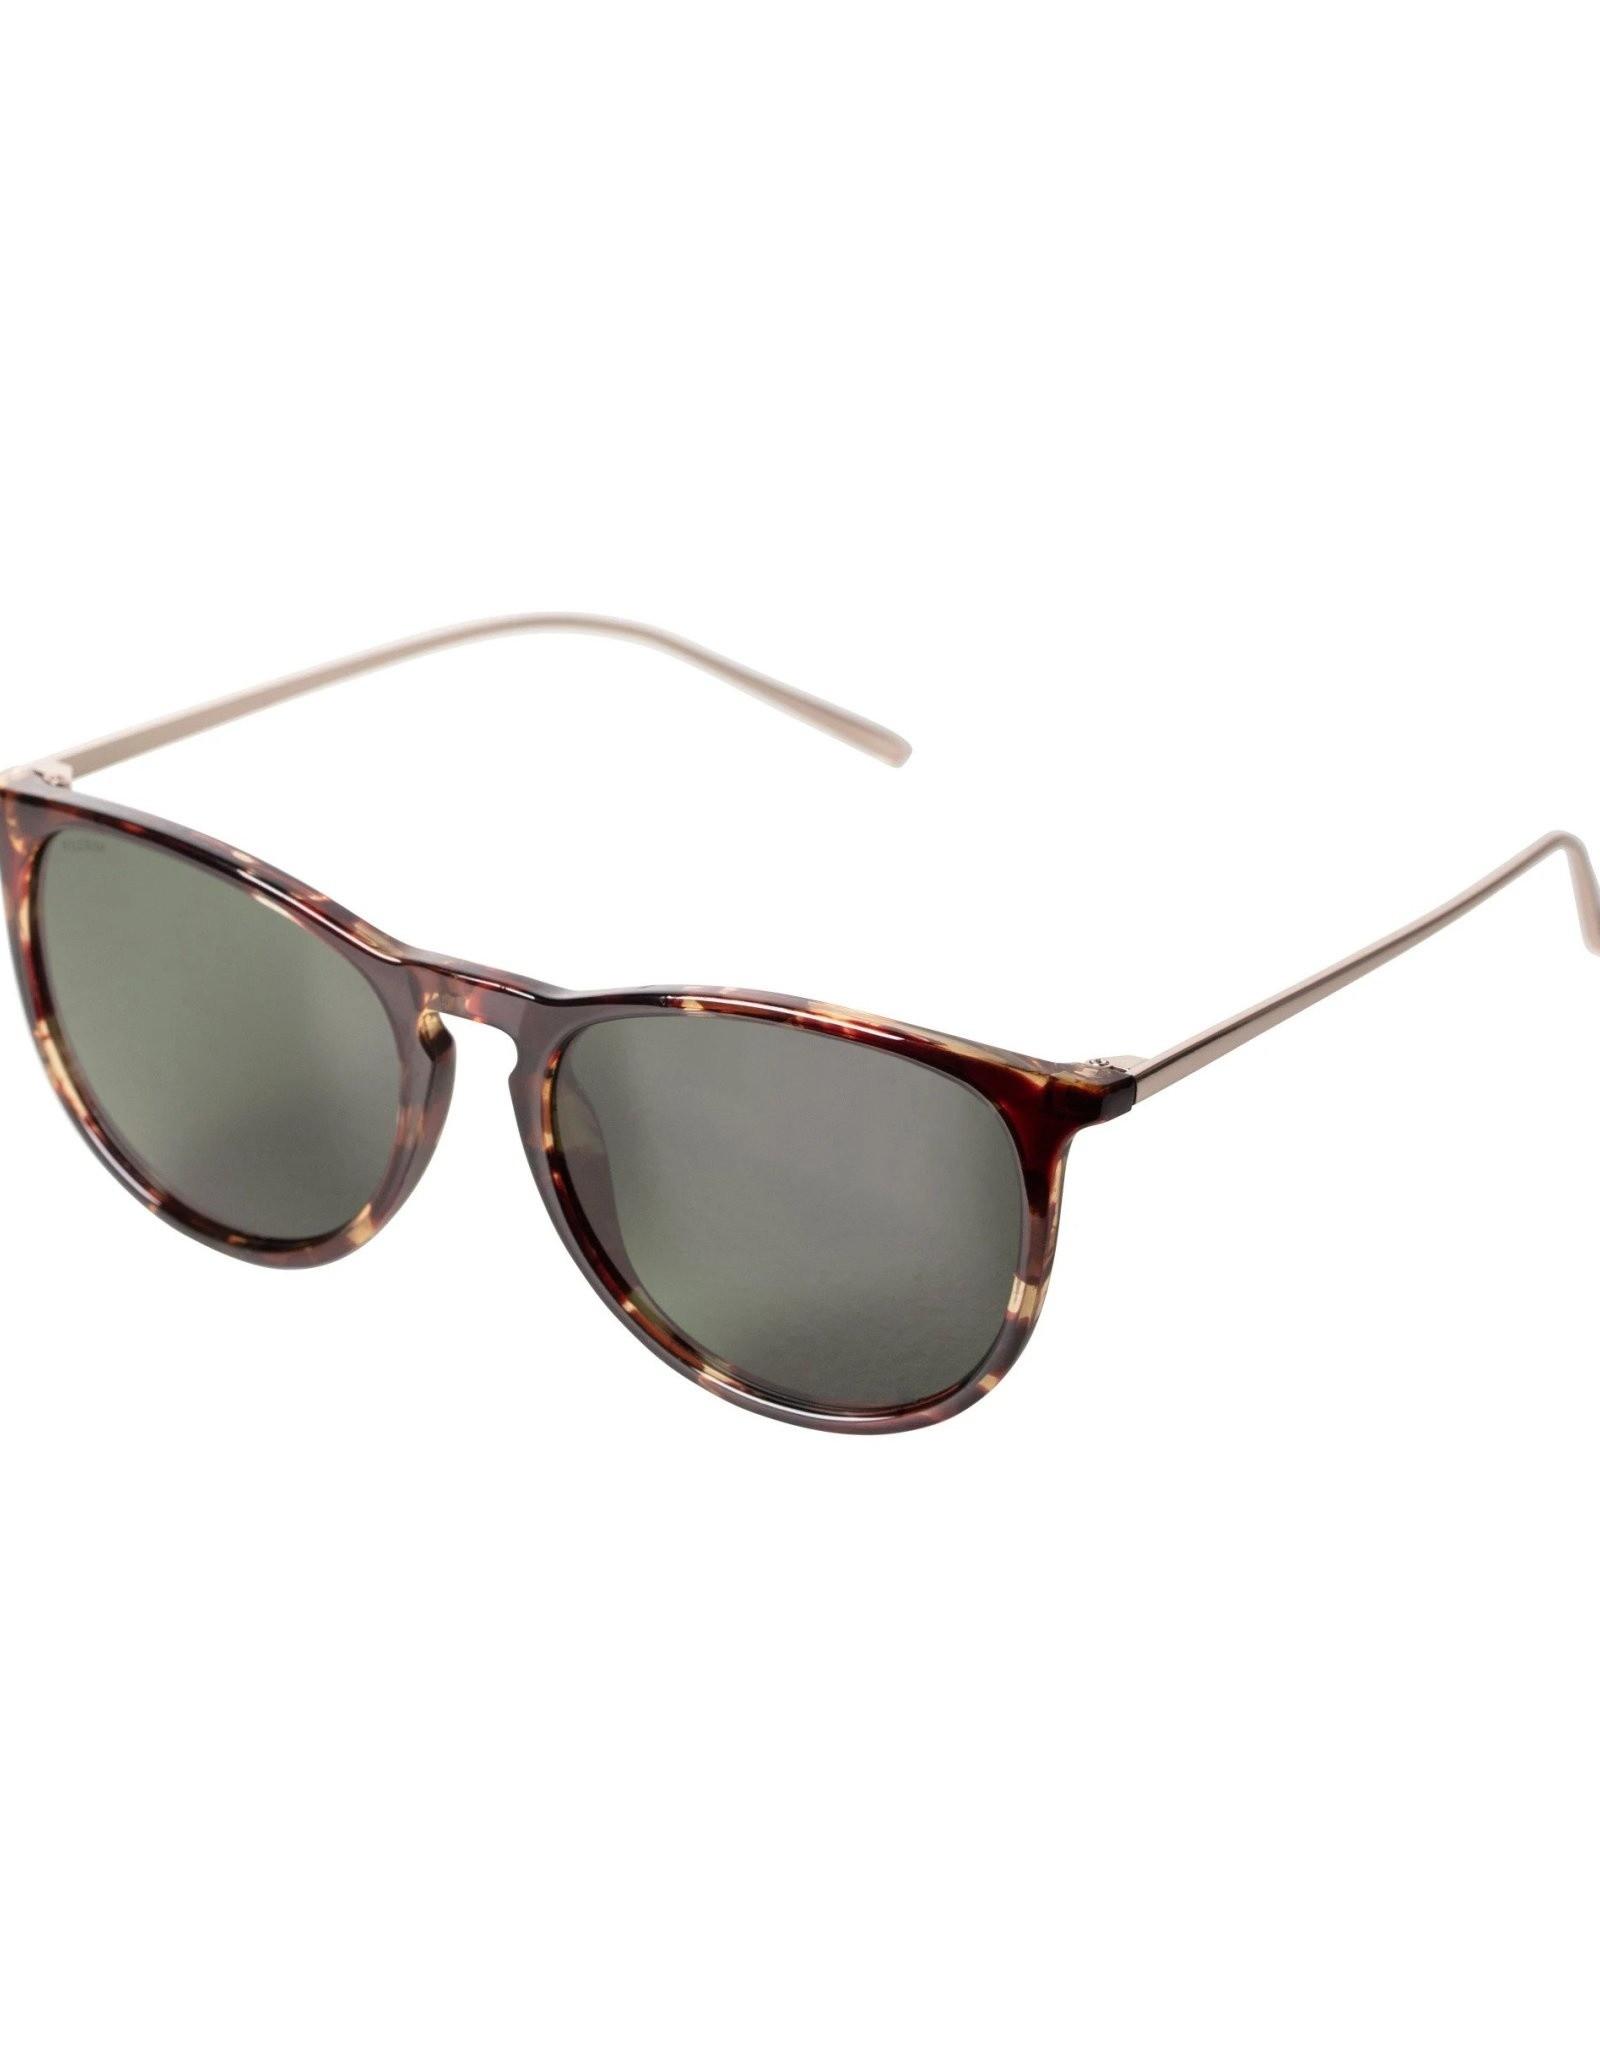 Pilgrim Sunglasses Vanille - Brown